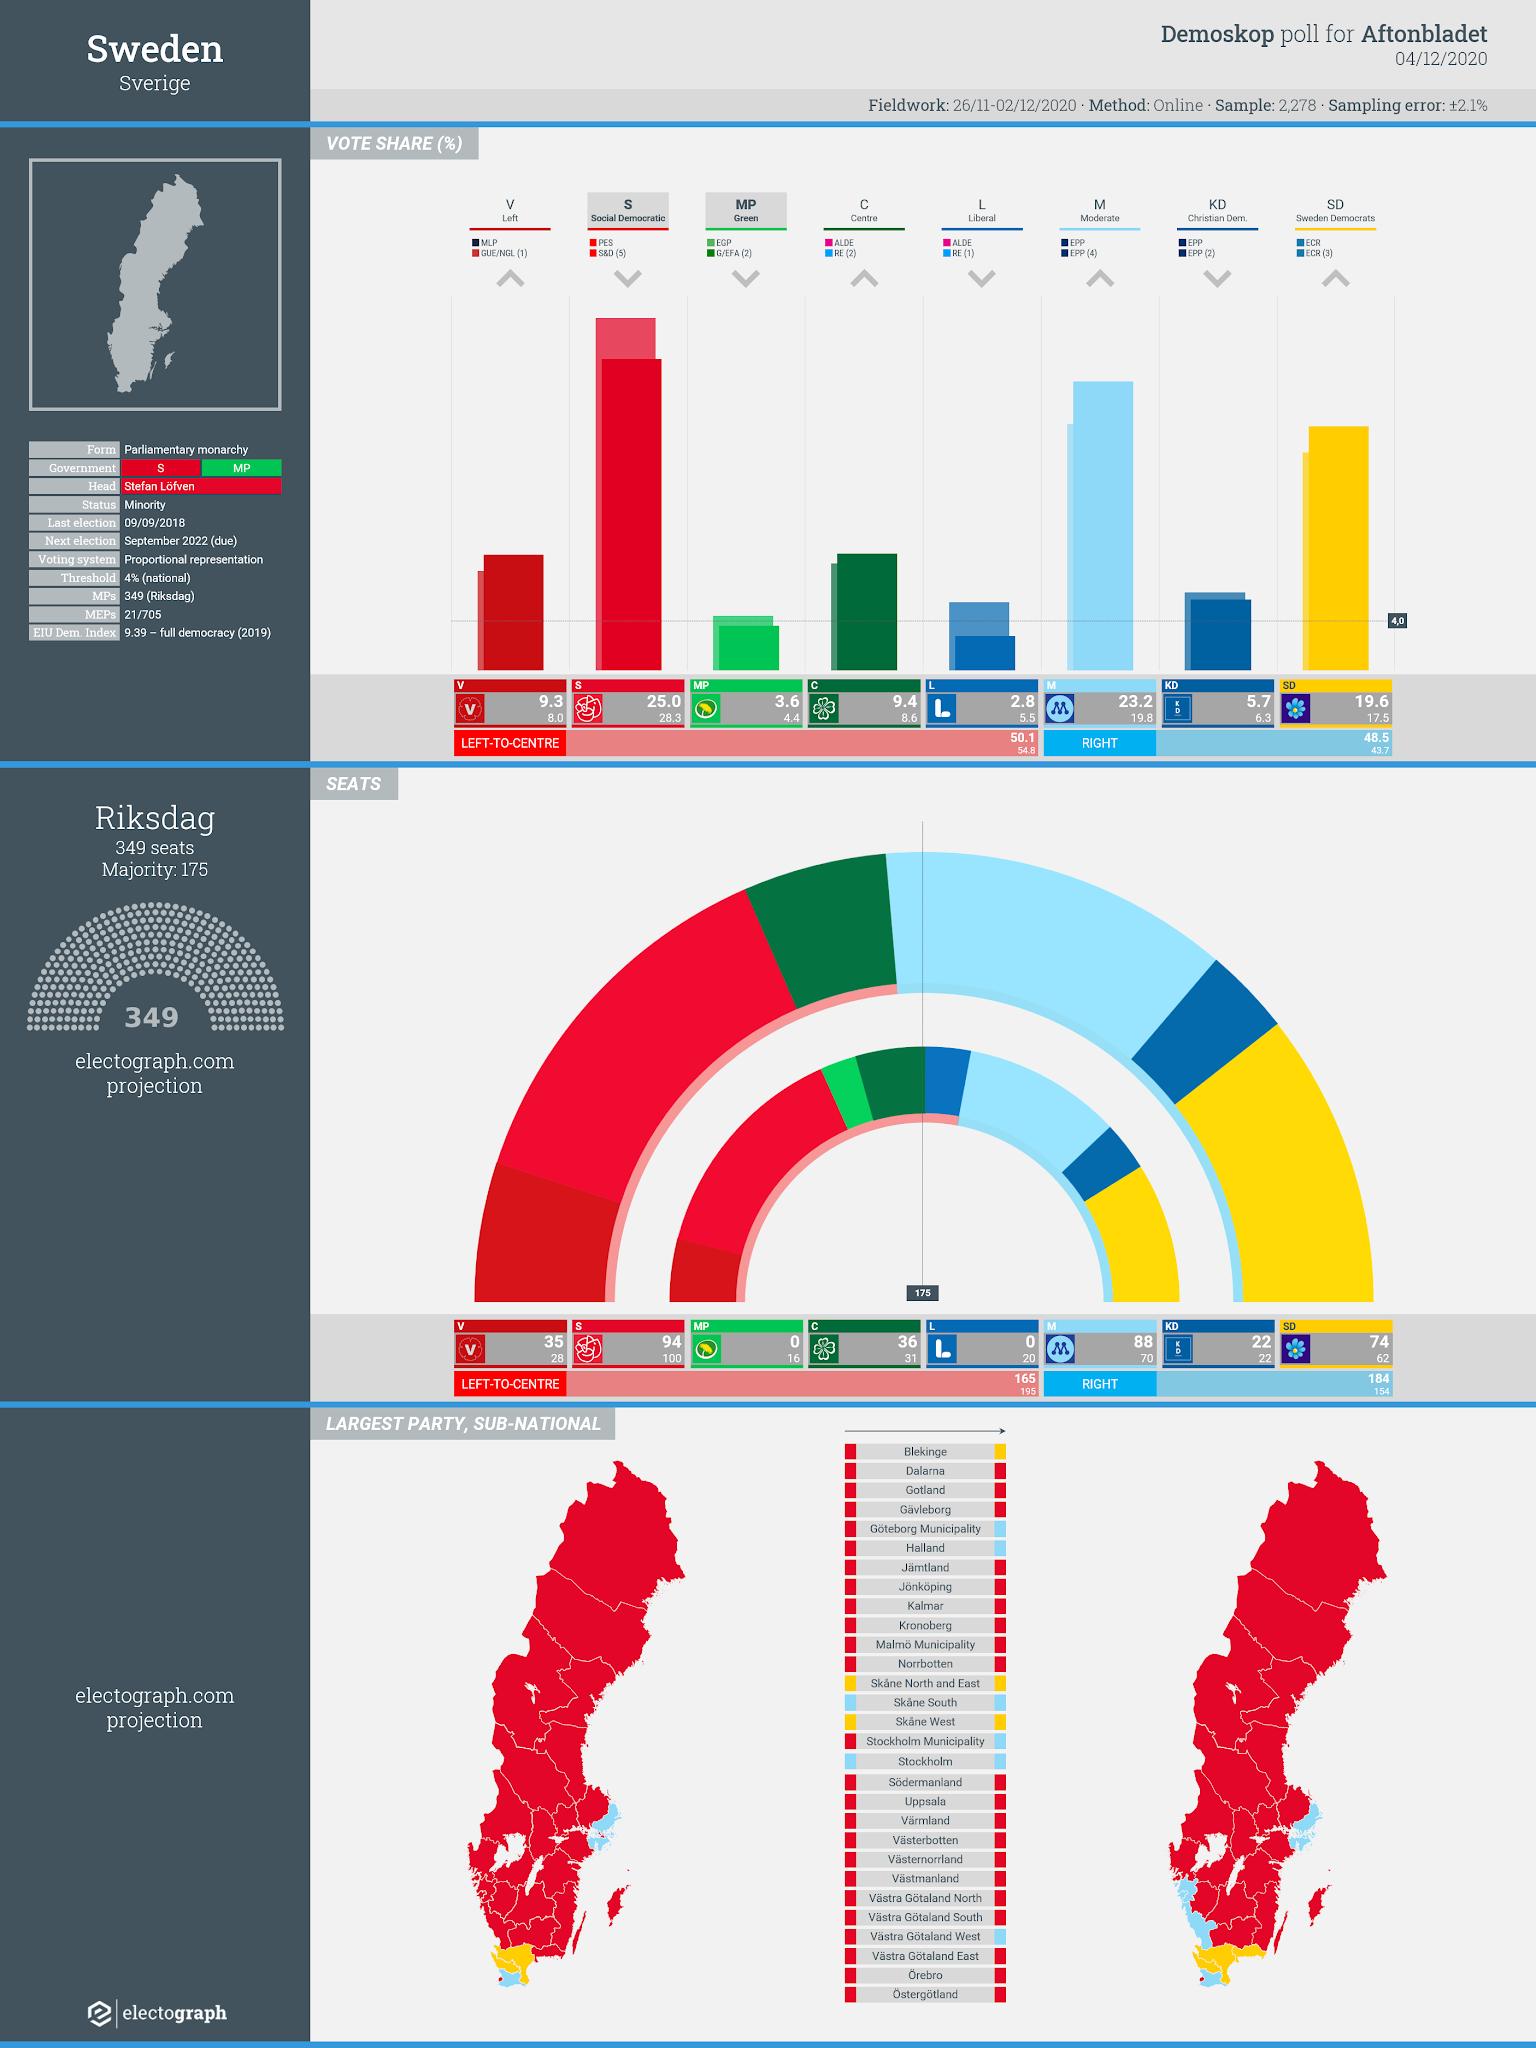 SWEDEN: Demoskop poll chart for Aftonbladet, 4 December 2020